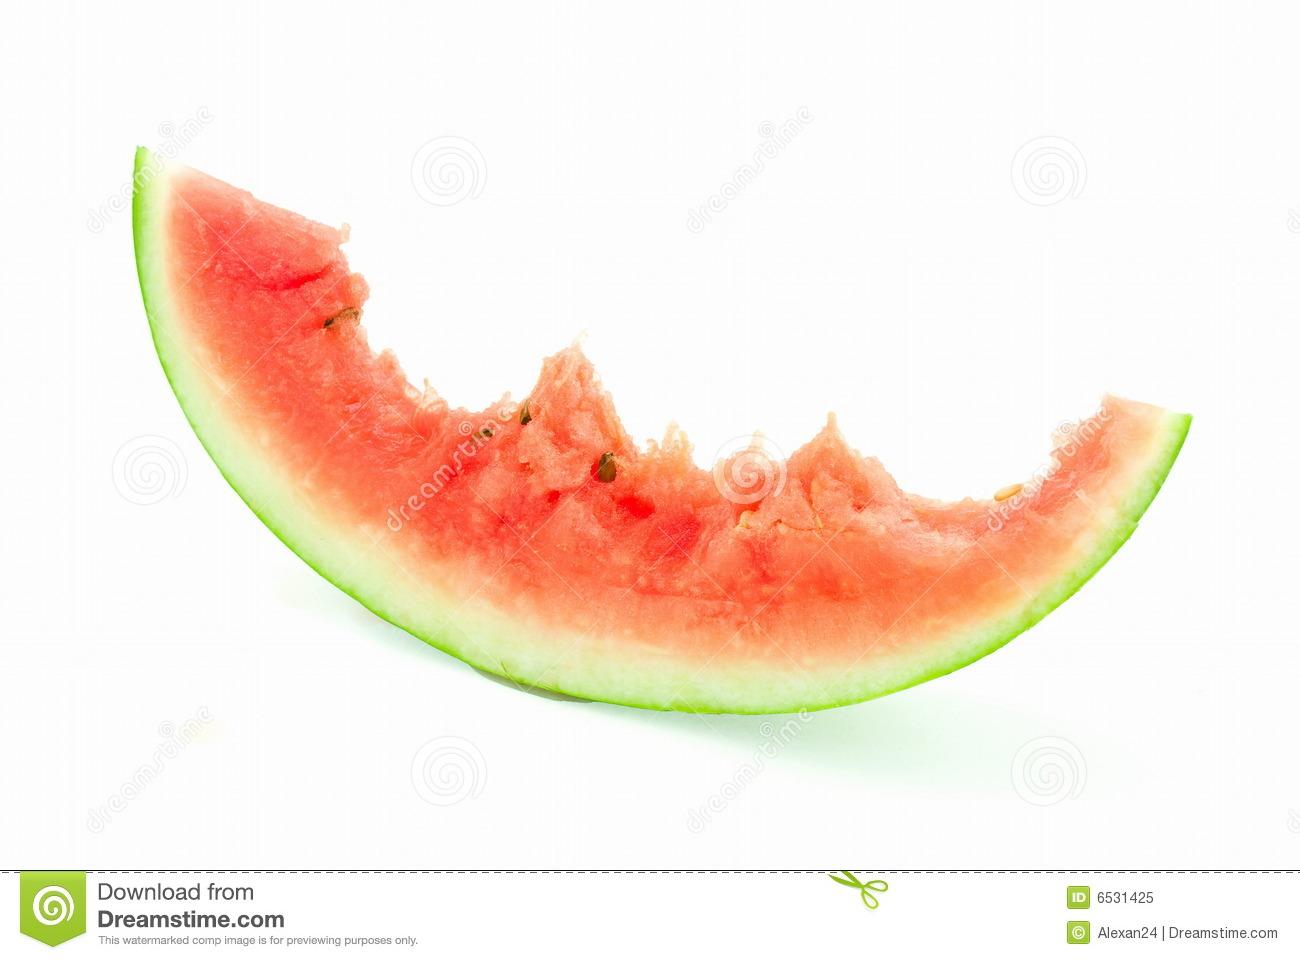 Eaten Watermelon Stock Illustrations – 15 Eaten Watermelon Stock  Illustrations, Vectors & Clipart - Dreamstime